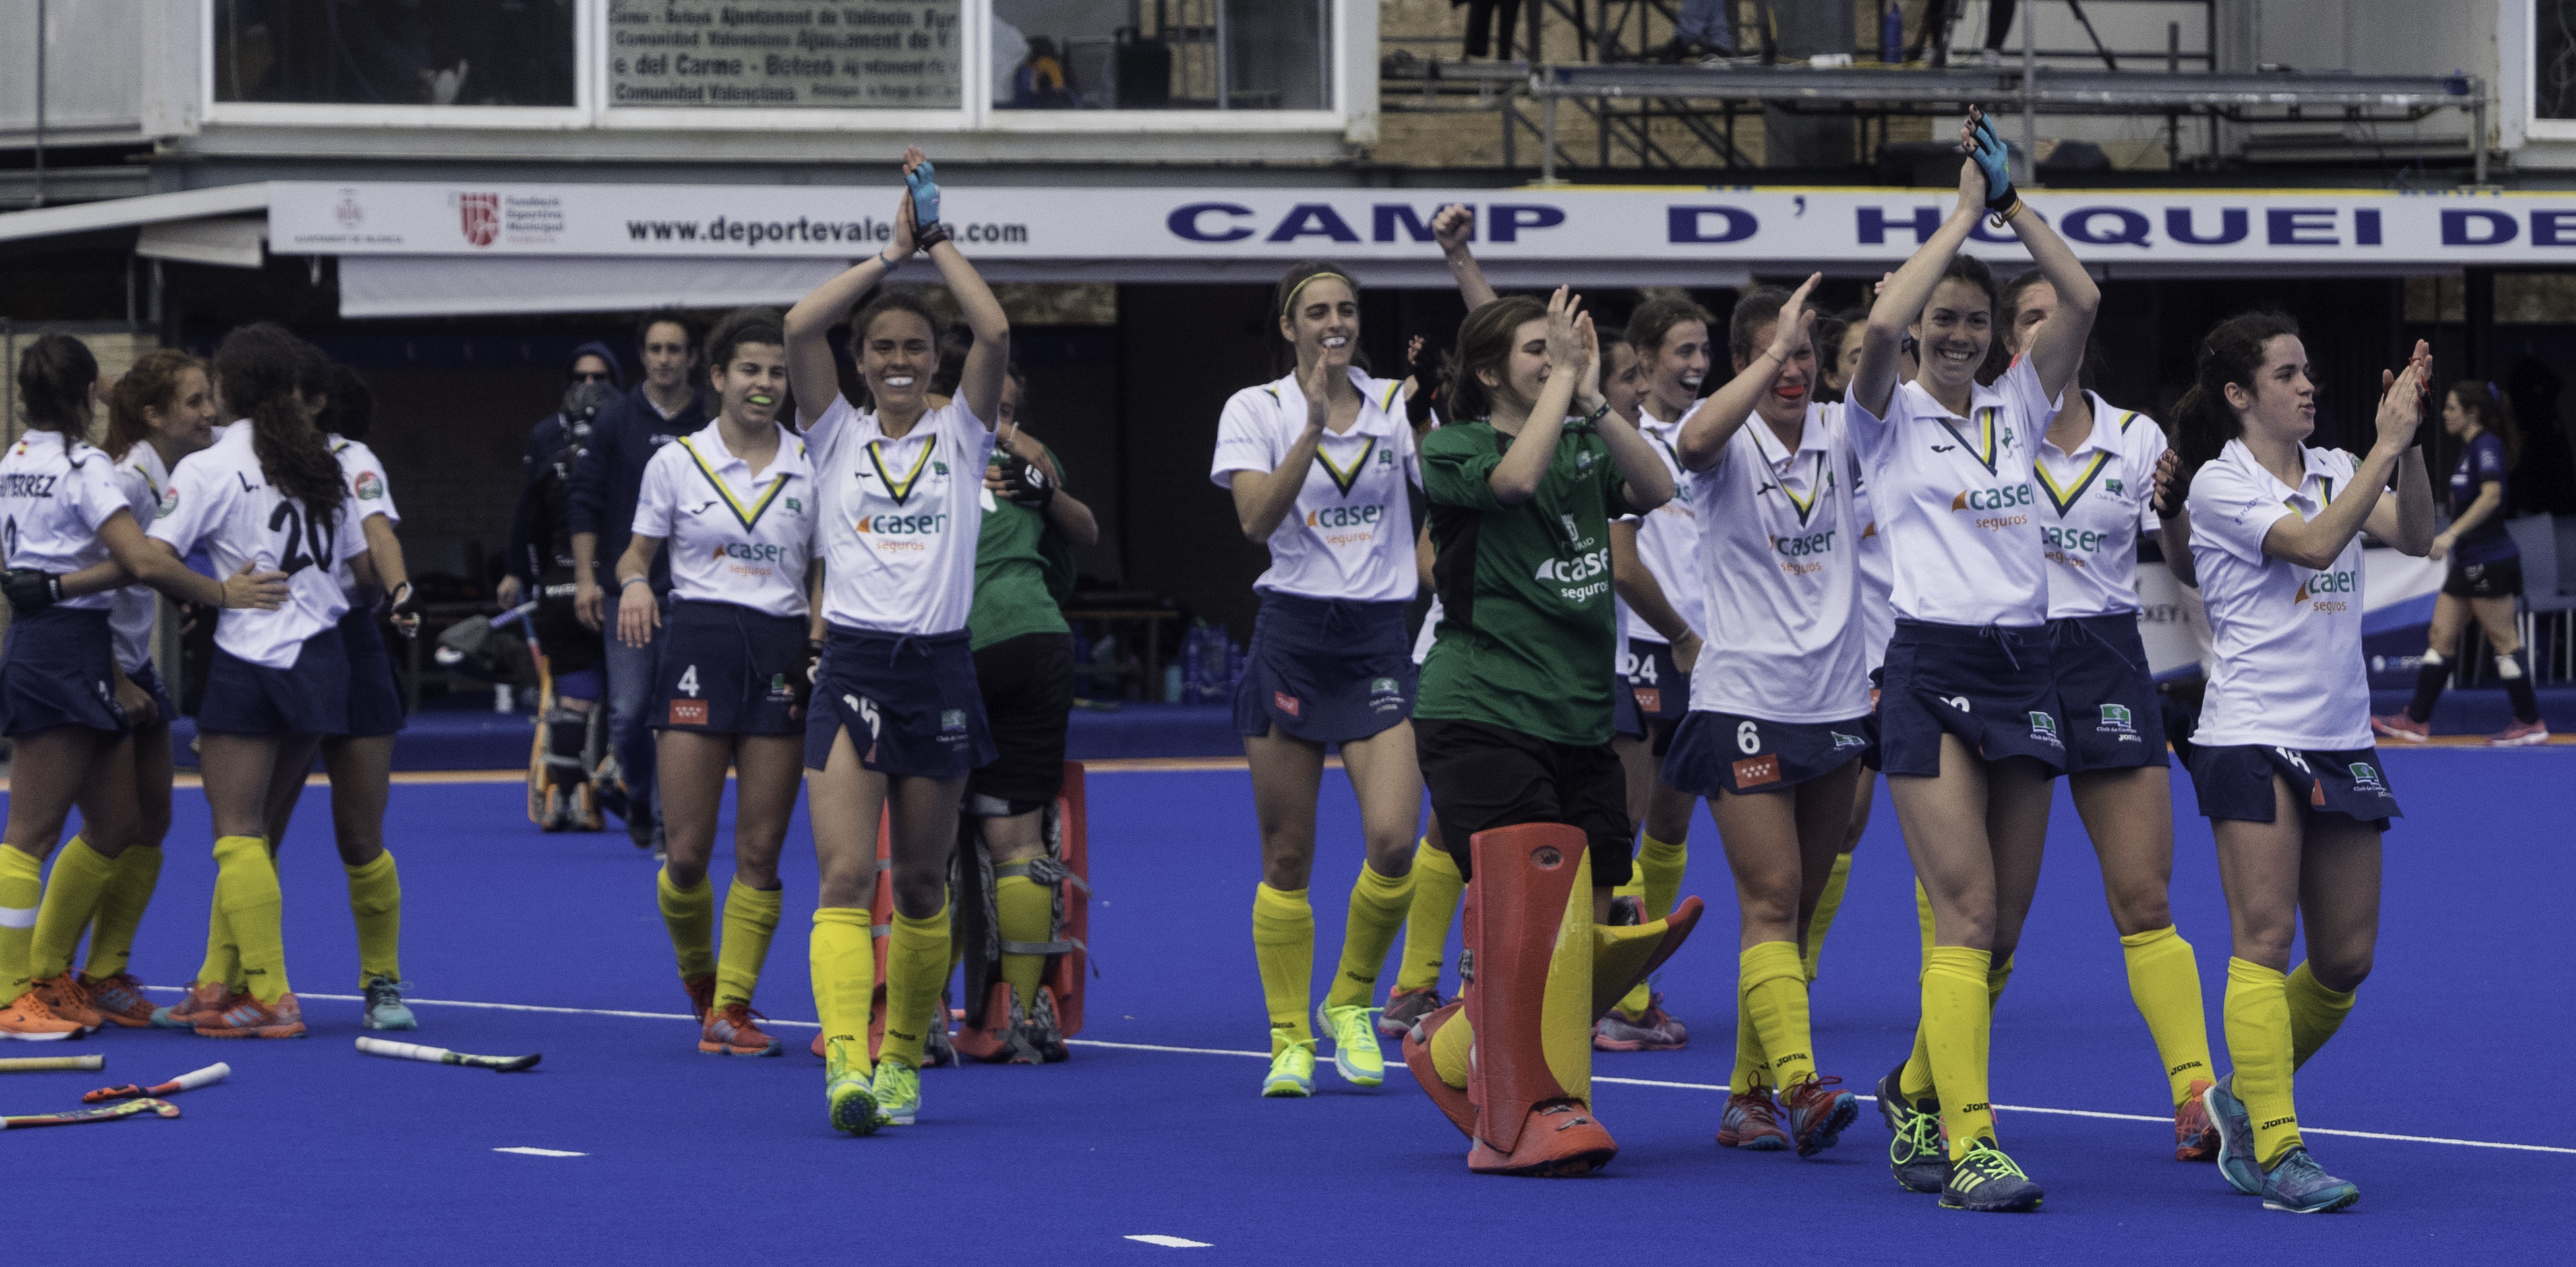 Las jugadoras del Club de Campo aplauden a los aficionados desplazados a Valencia. Foto: Ignacio Monsalve